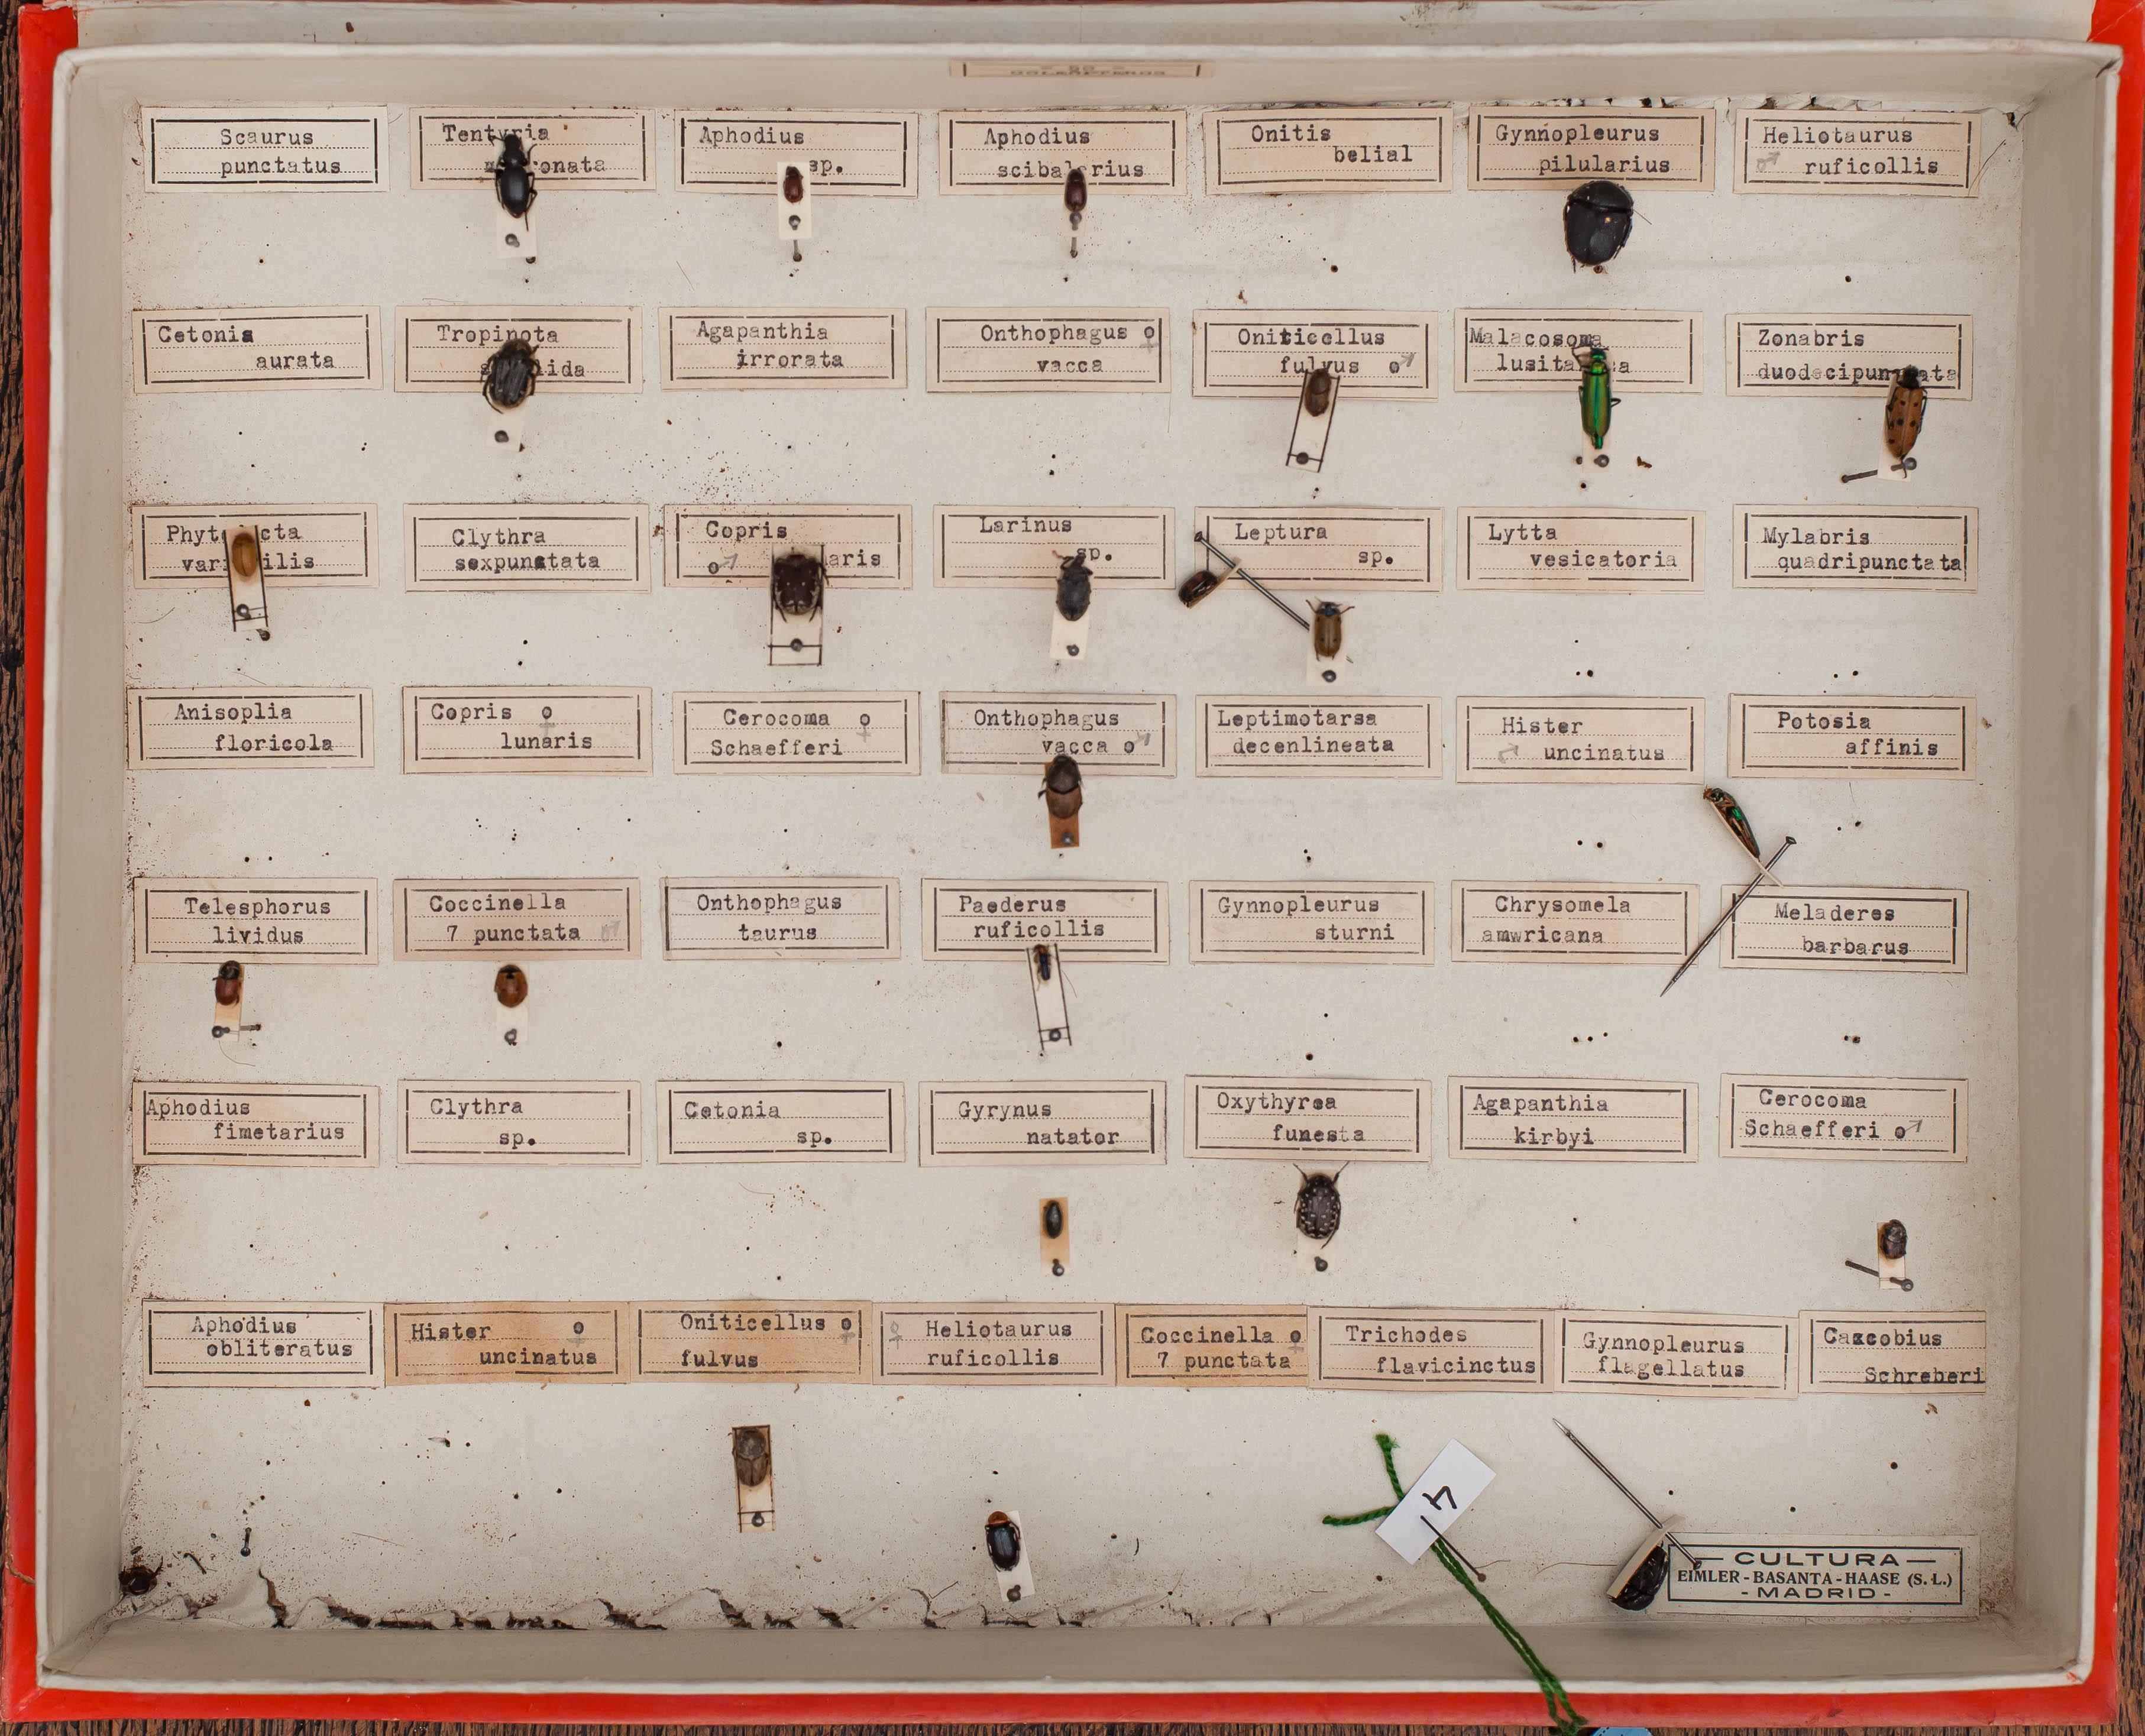 IES_CARDENALCISNEROS_Insectos_043